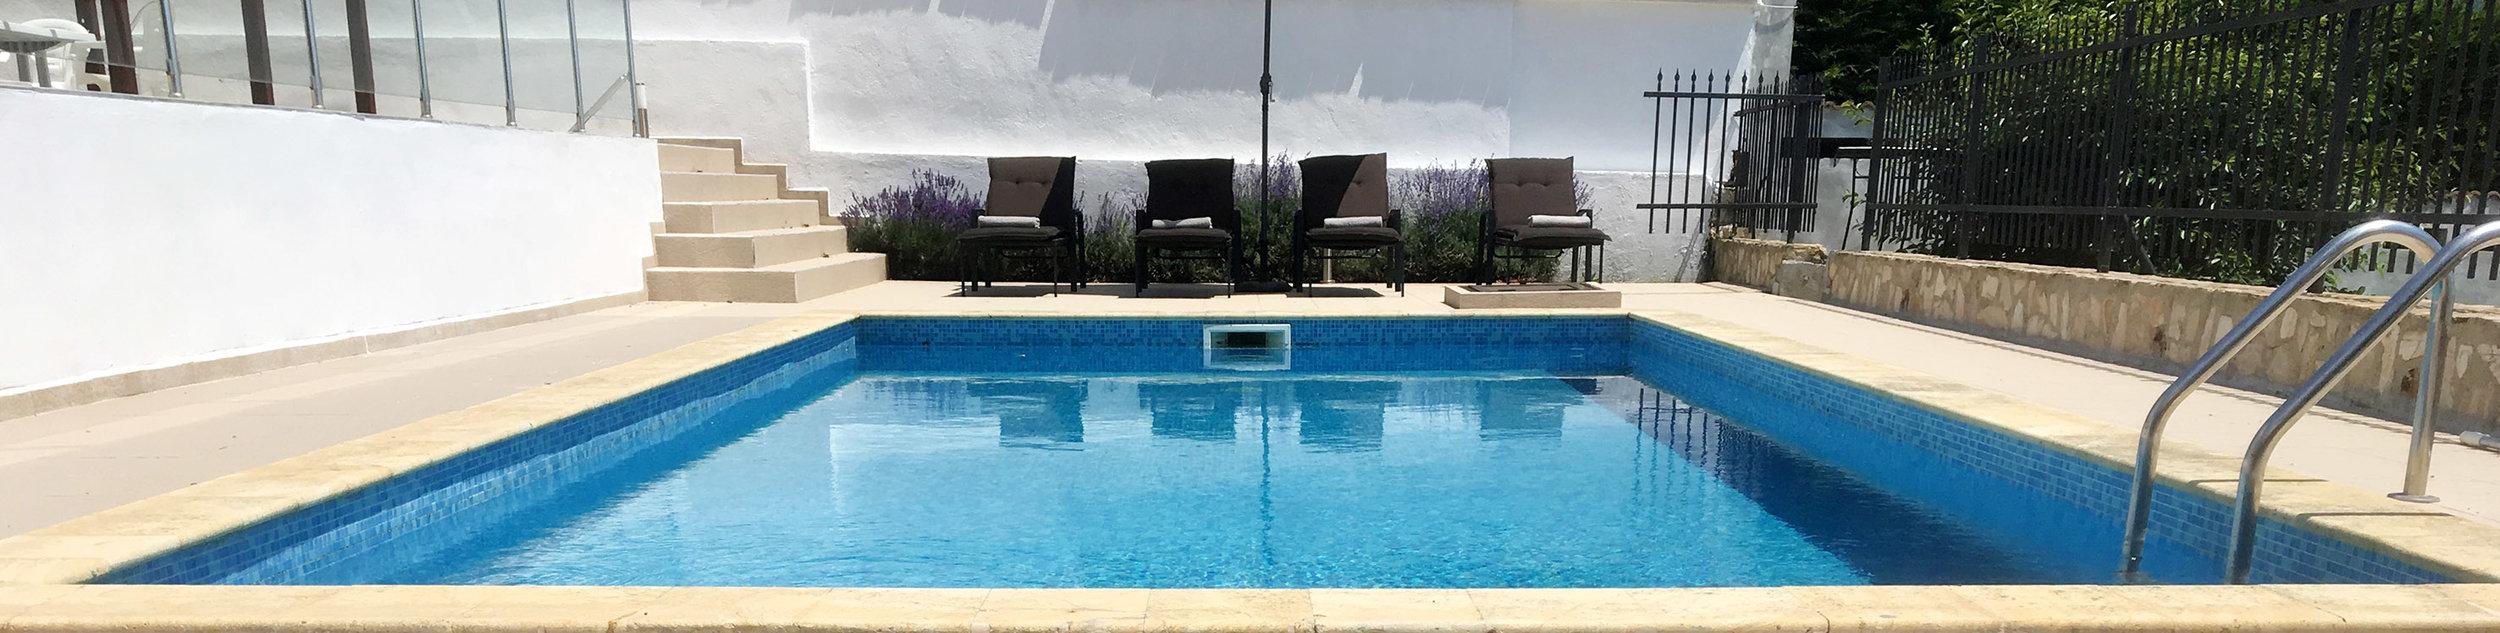 Villa_Bulgaria_pool_seaview.jpg